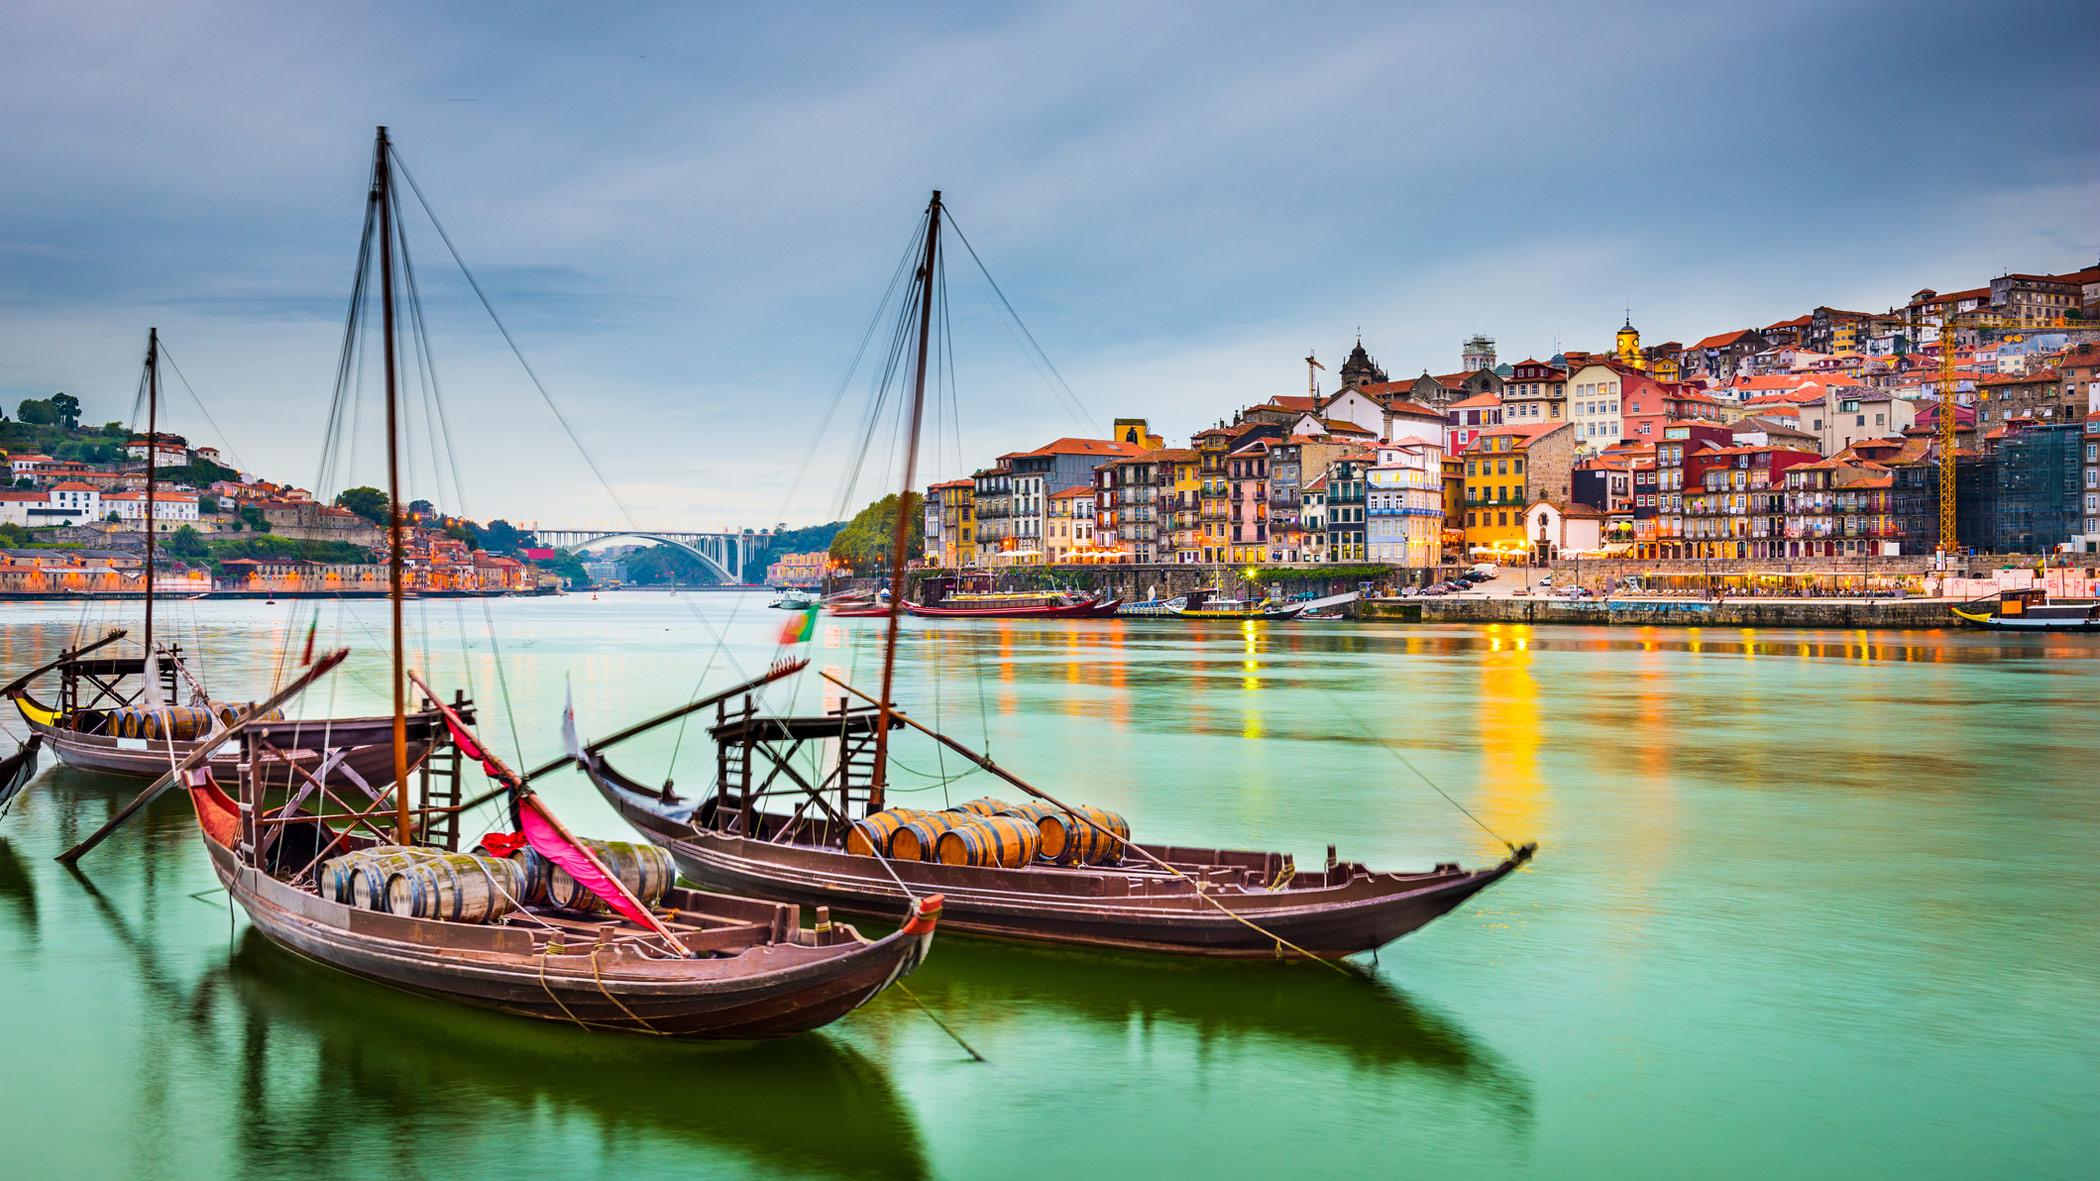 Vers une nouvelle conception du tourisme urbain : les dirigeants de villes du monde entier se réunissent à Porto